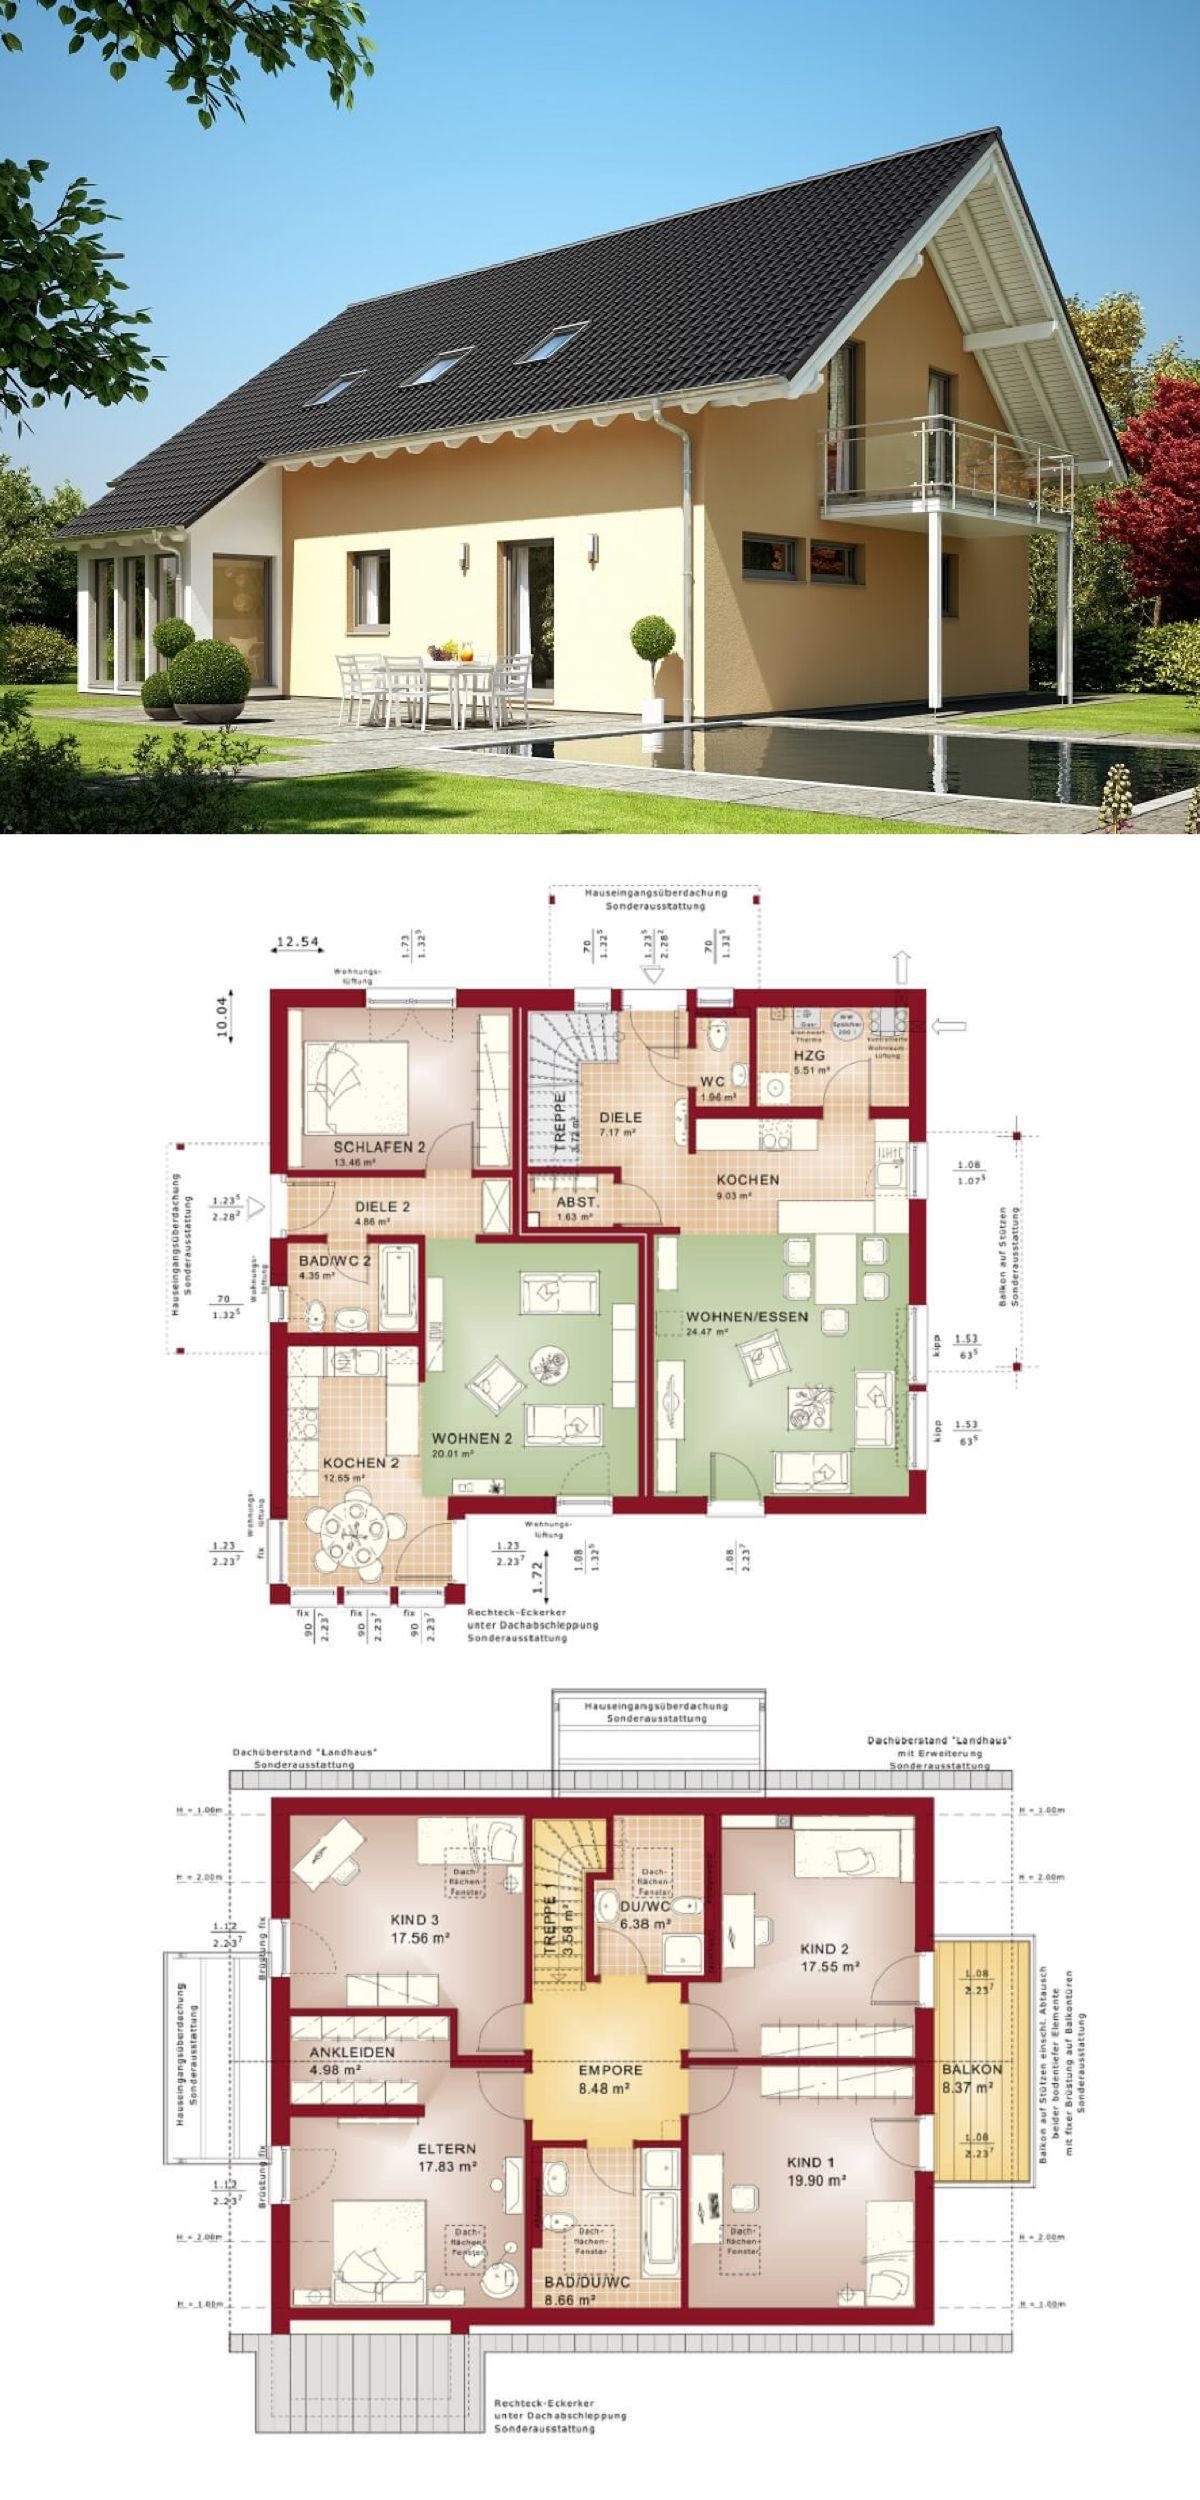 Zweifamilienhaus mit einliegerwohnung haus evolution 207 for Zweifamilienhaus modern grundriss